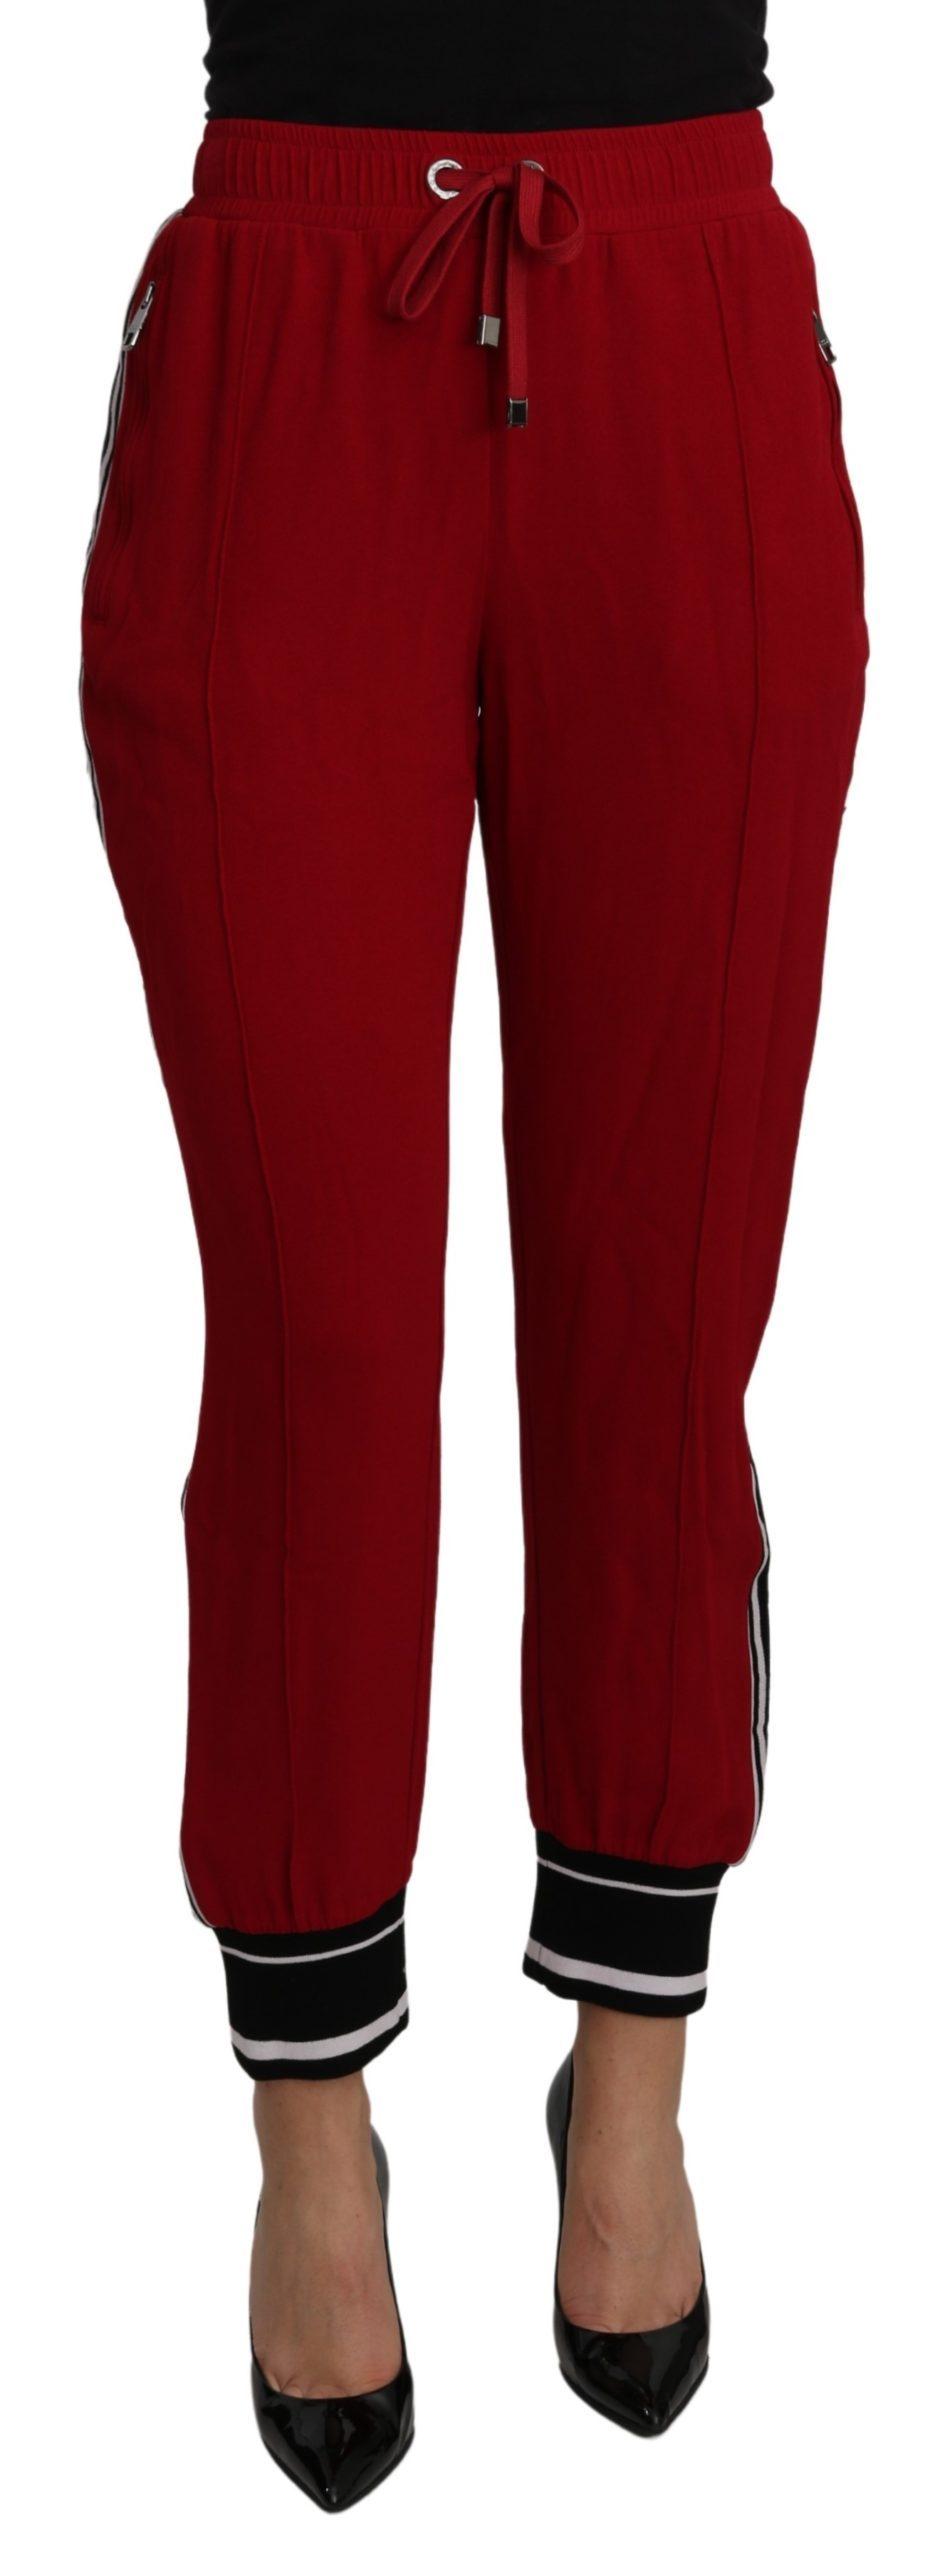 Dolce & Gabbana Women's High Waist Stretch Trouser Red PAN71099 - IT44|L